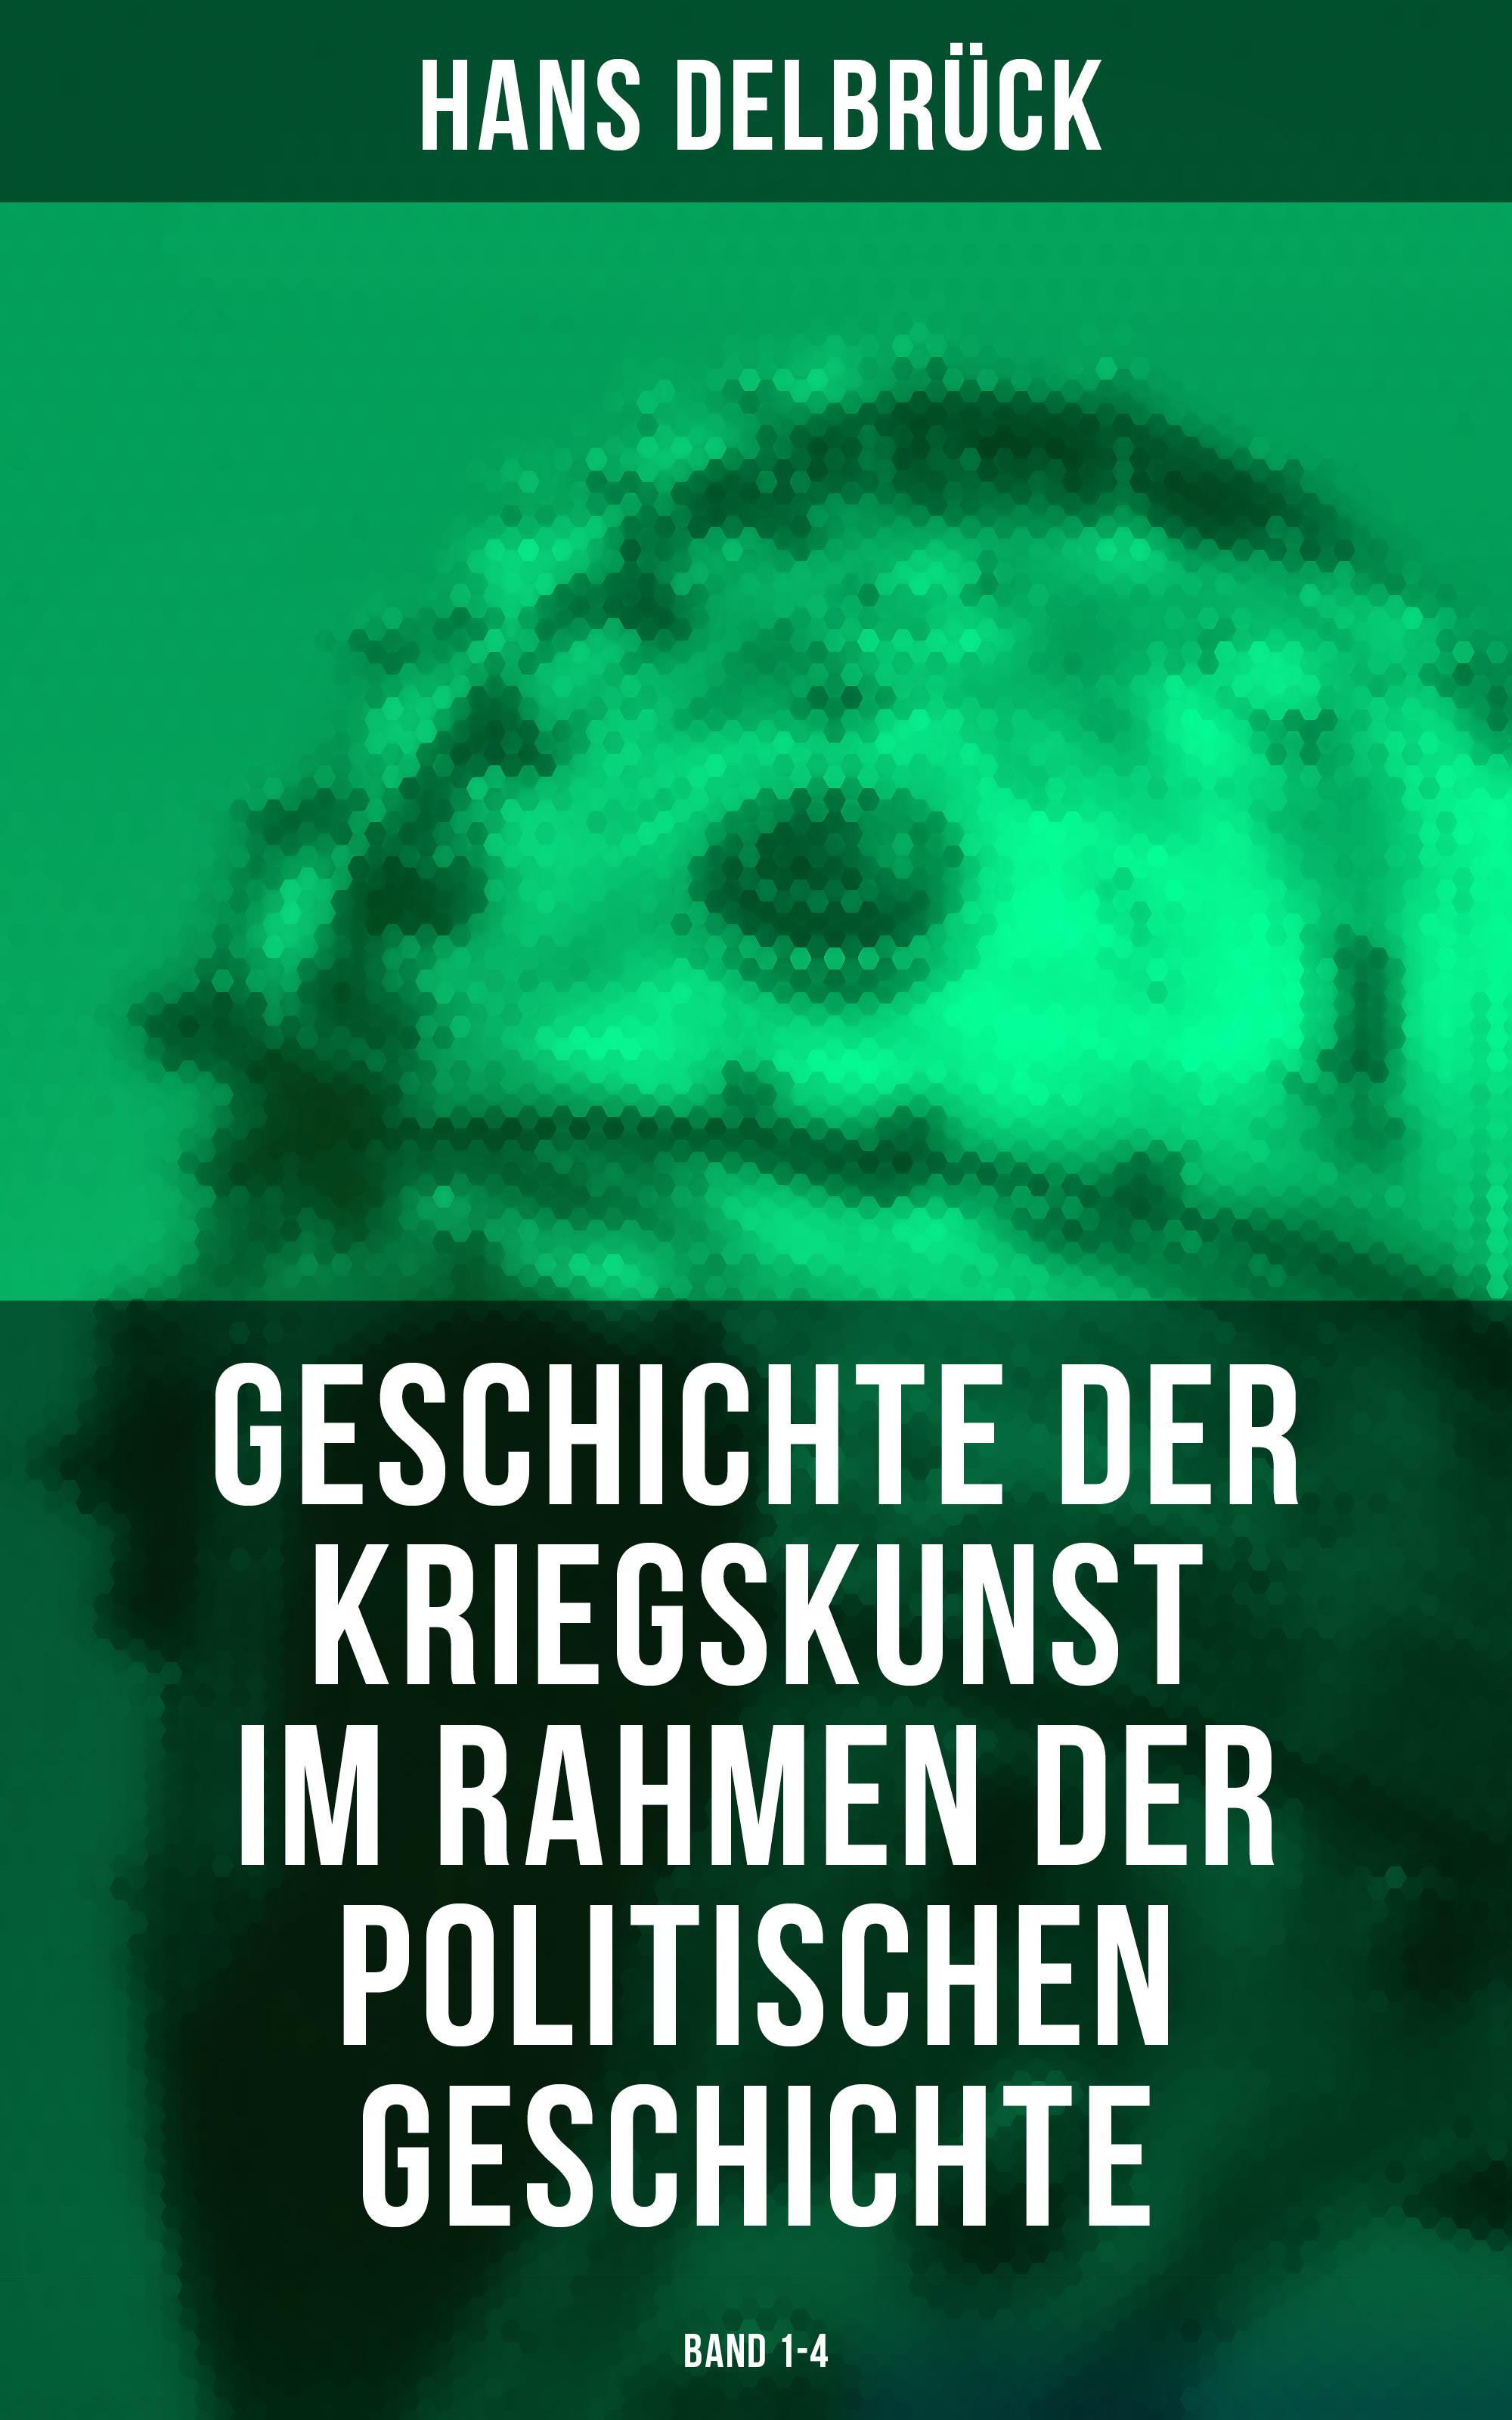 Hans Delbruck Geschichte der Kriegskunst im Rahmen der politischen Geschichte (Band 1-4)